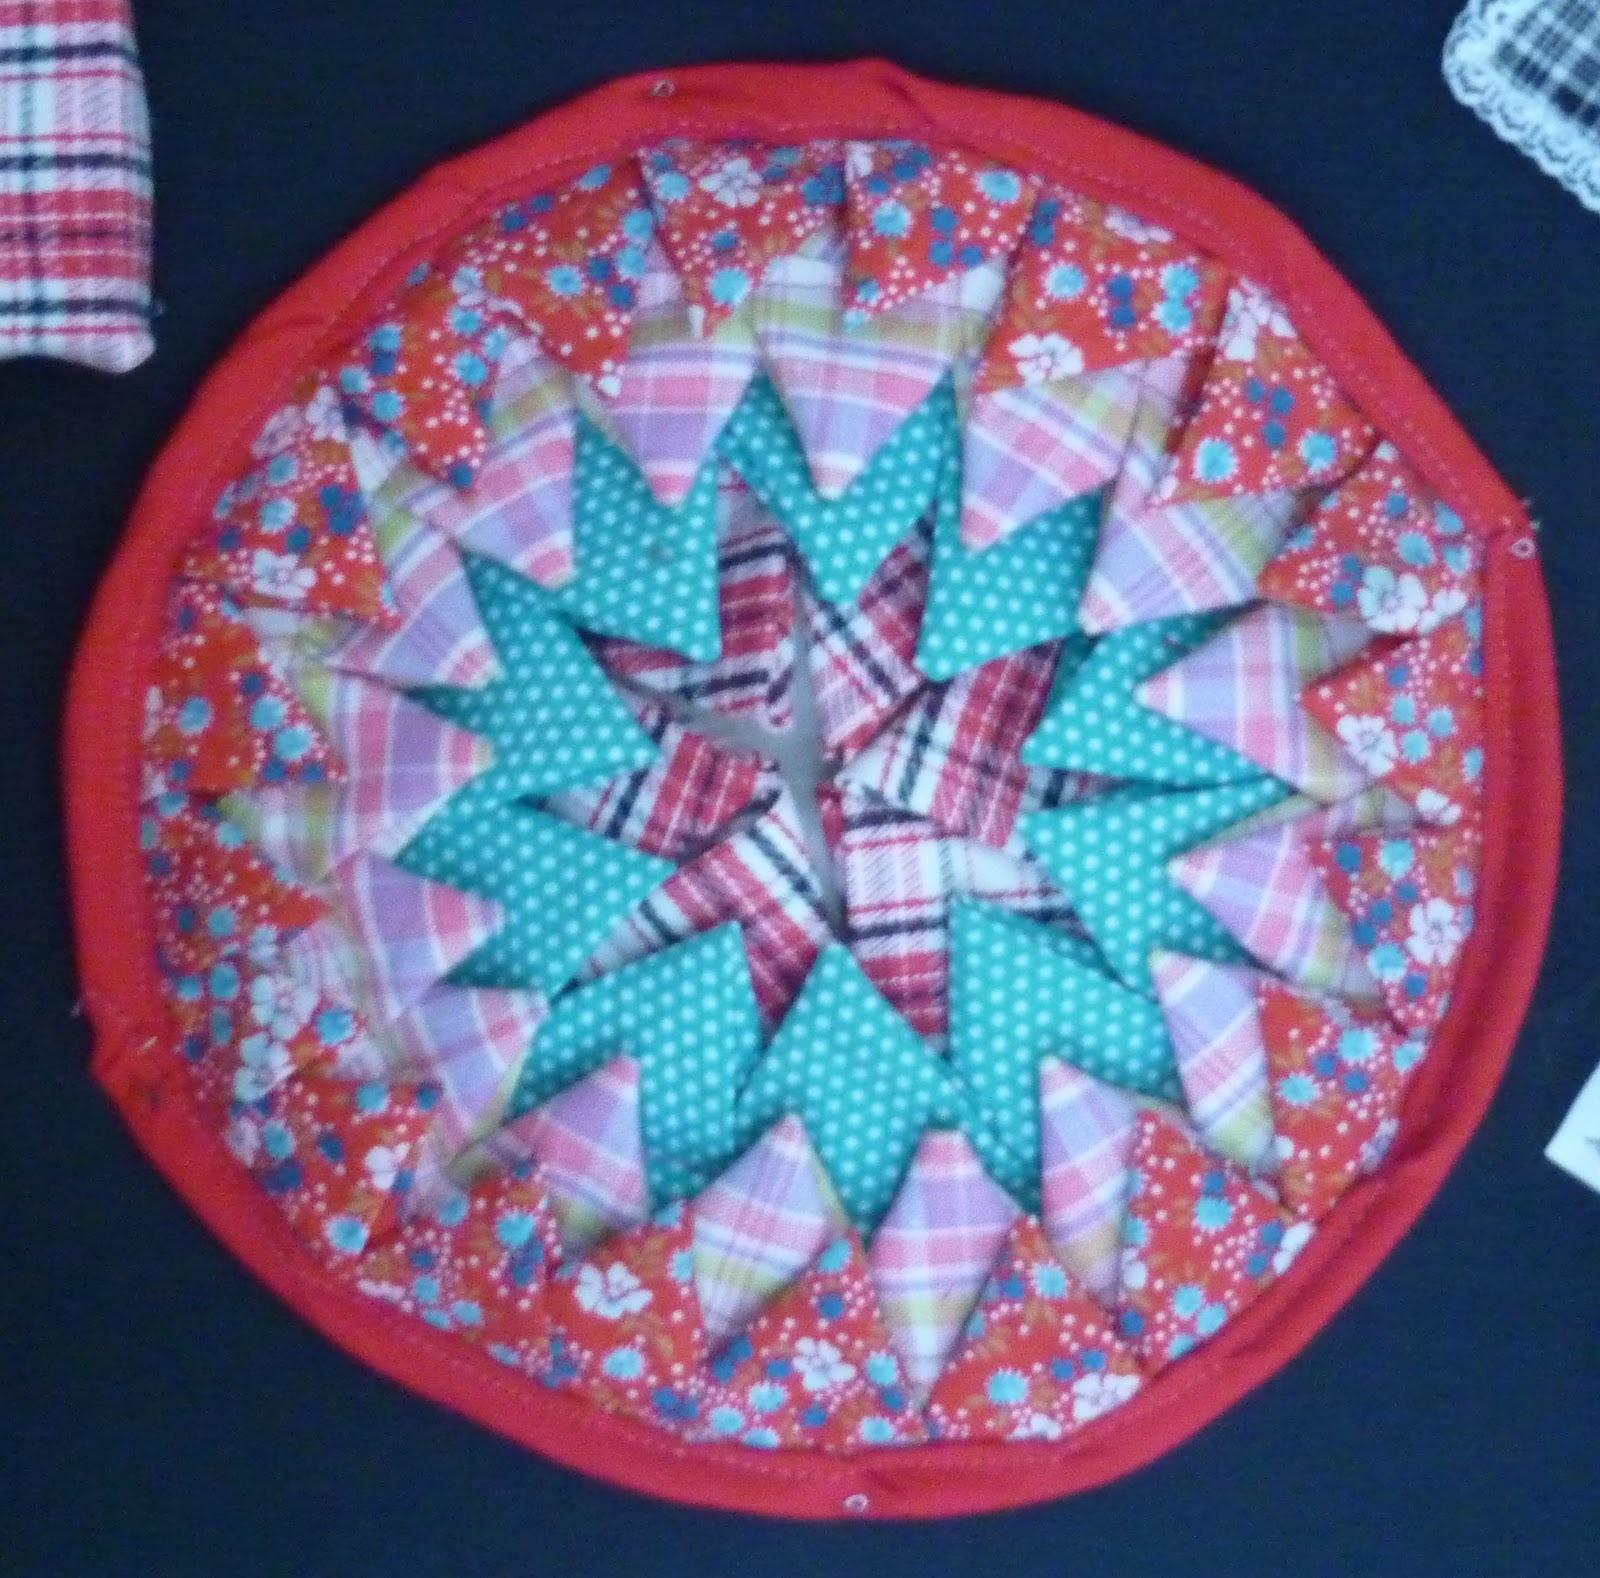 Лоскутное шитьё коврика - карточка от пользователя vel.win в Яндекс.Коллекциях